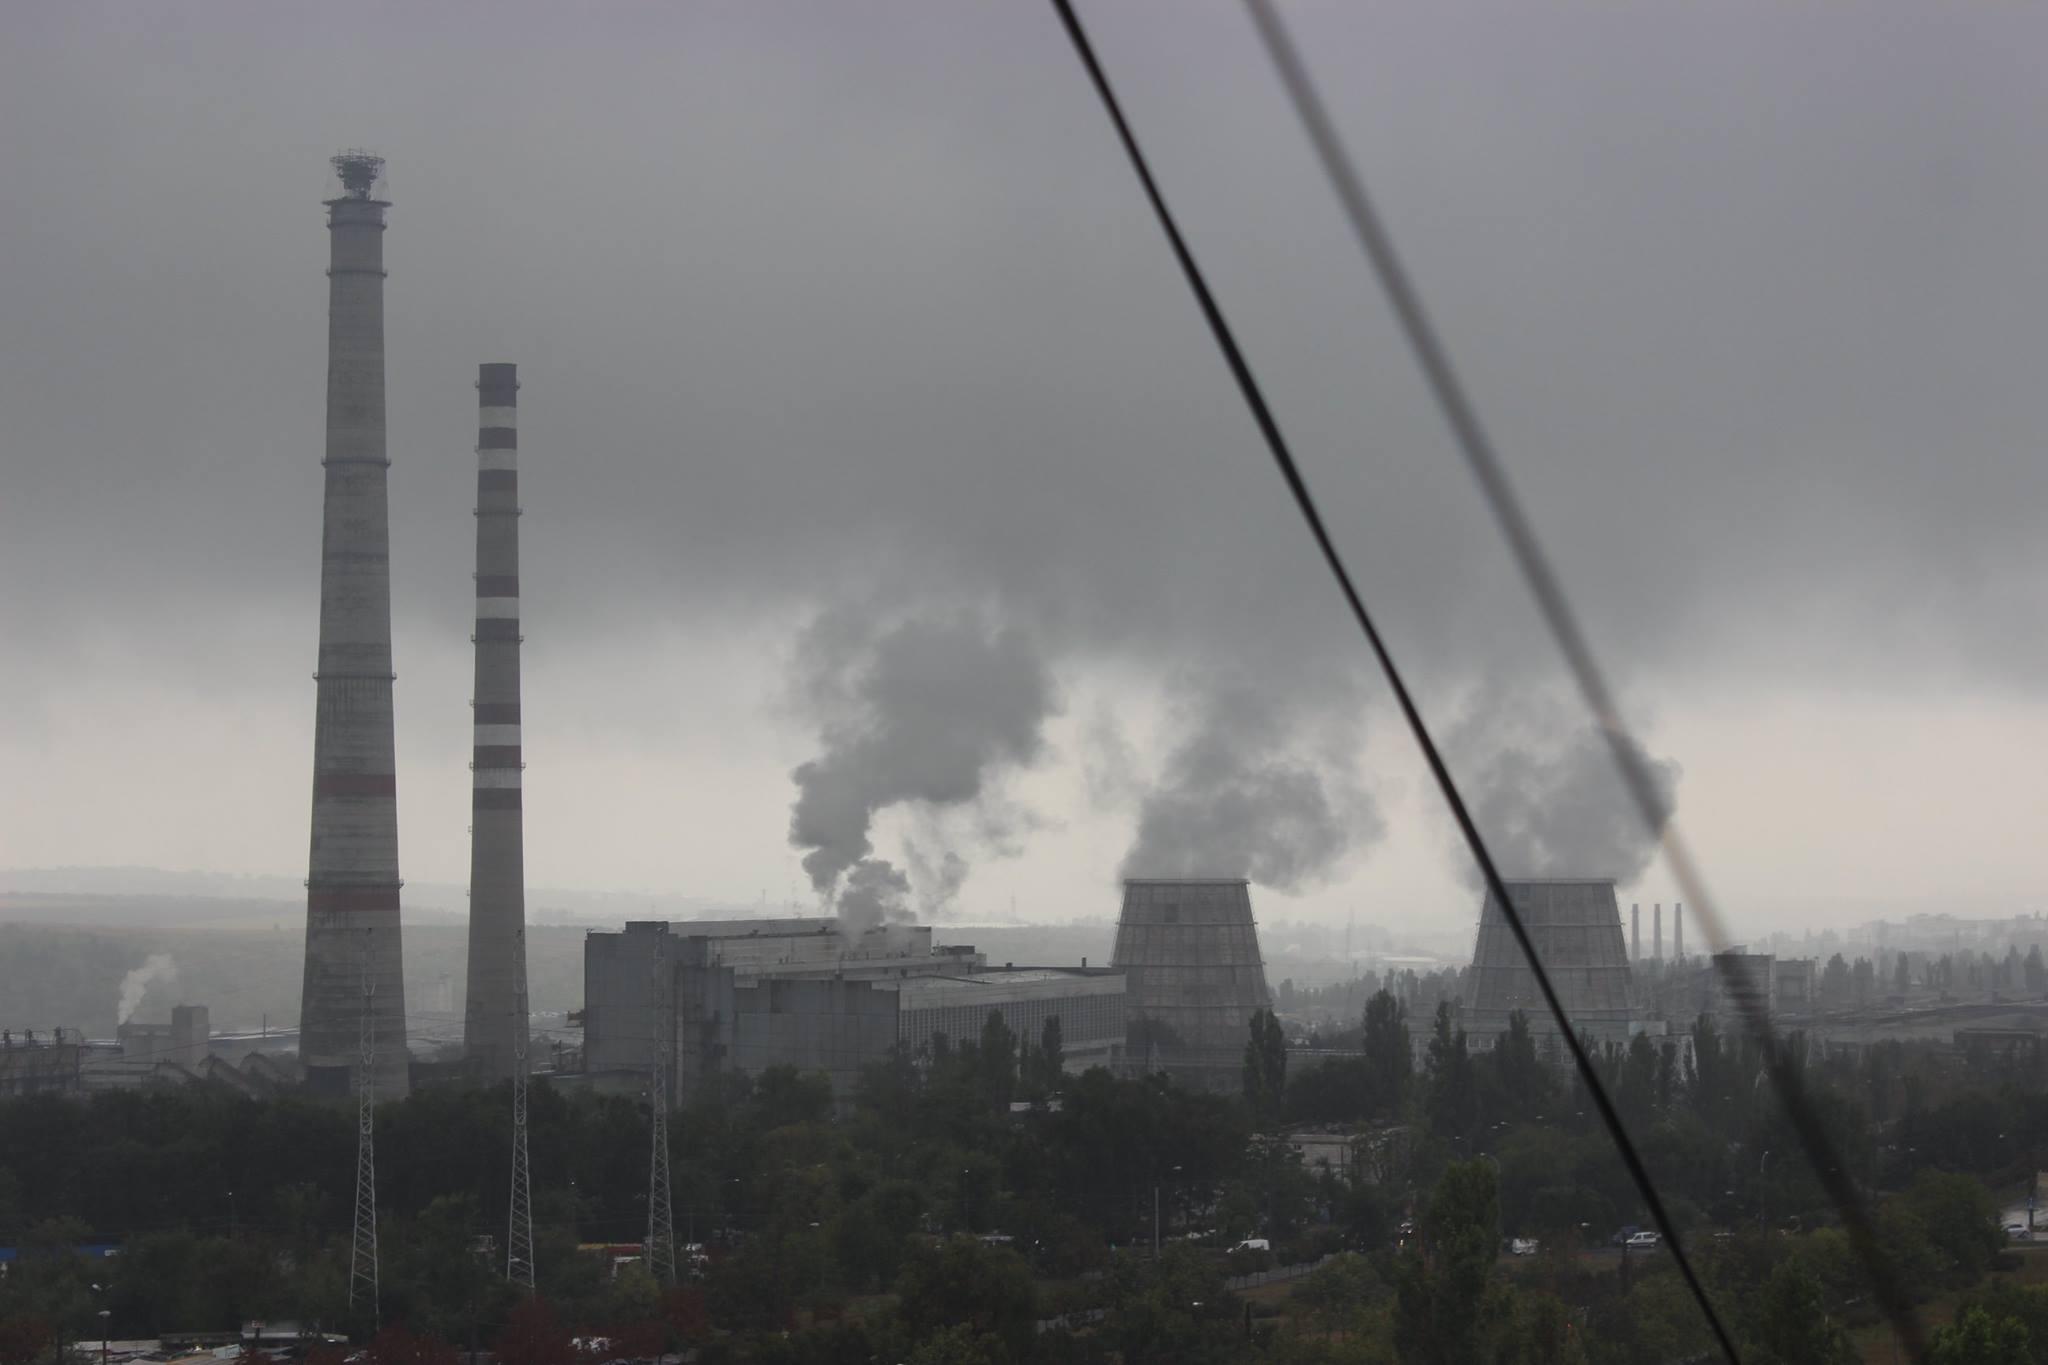 В ближайшие часы на Молдову обрушатся ливни со шквалистым ветром